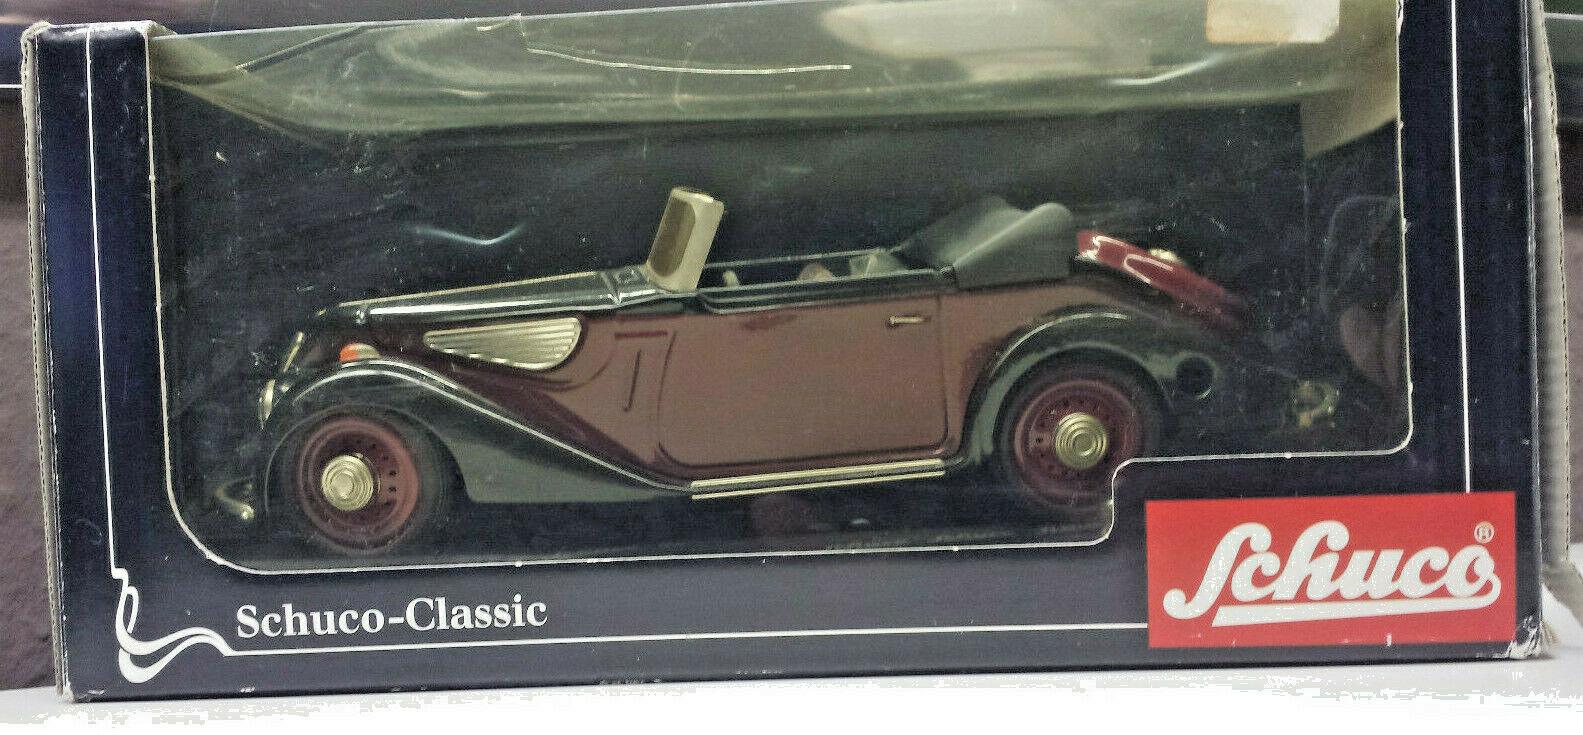 Schuco Classic BMW 327 Cabriolet Type. nº 00011 car car car Western Germany Box Key 3e1db7